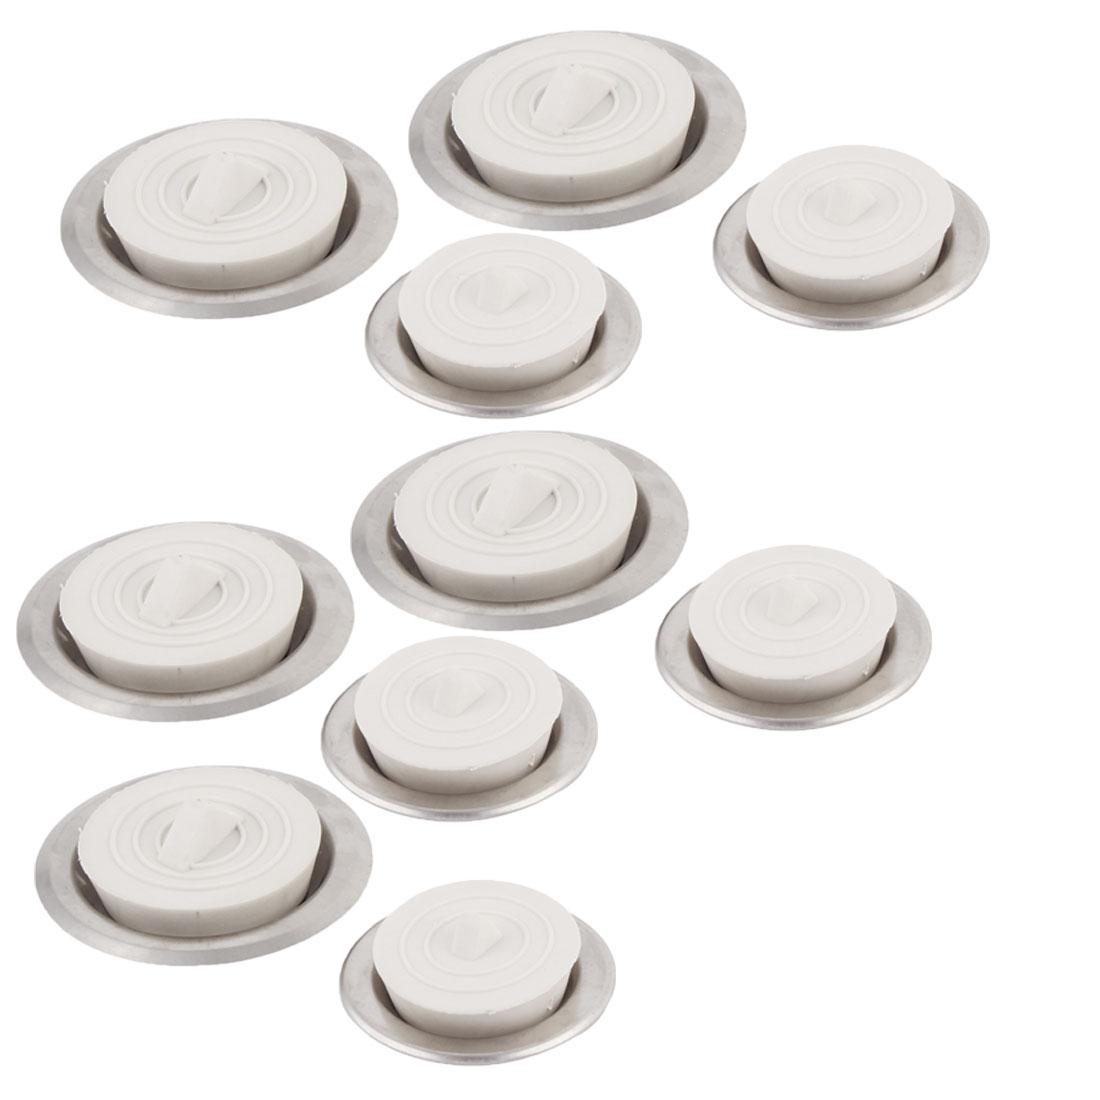 Kitchen Bathroom Stainless Steel Water Sink Drainer Filter Strainer 10 Sets